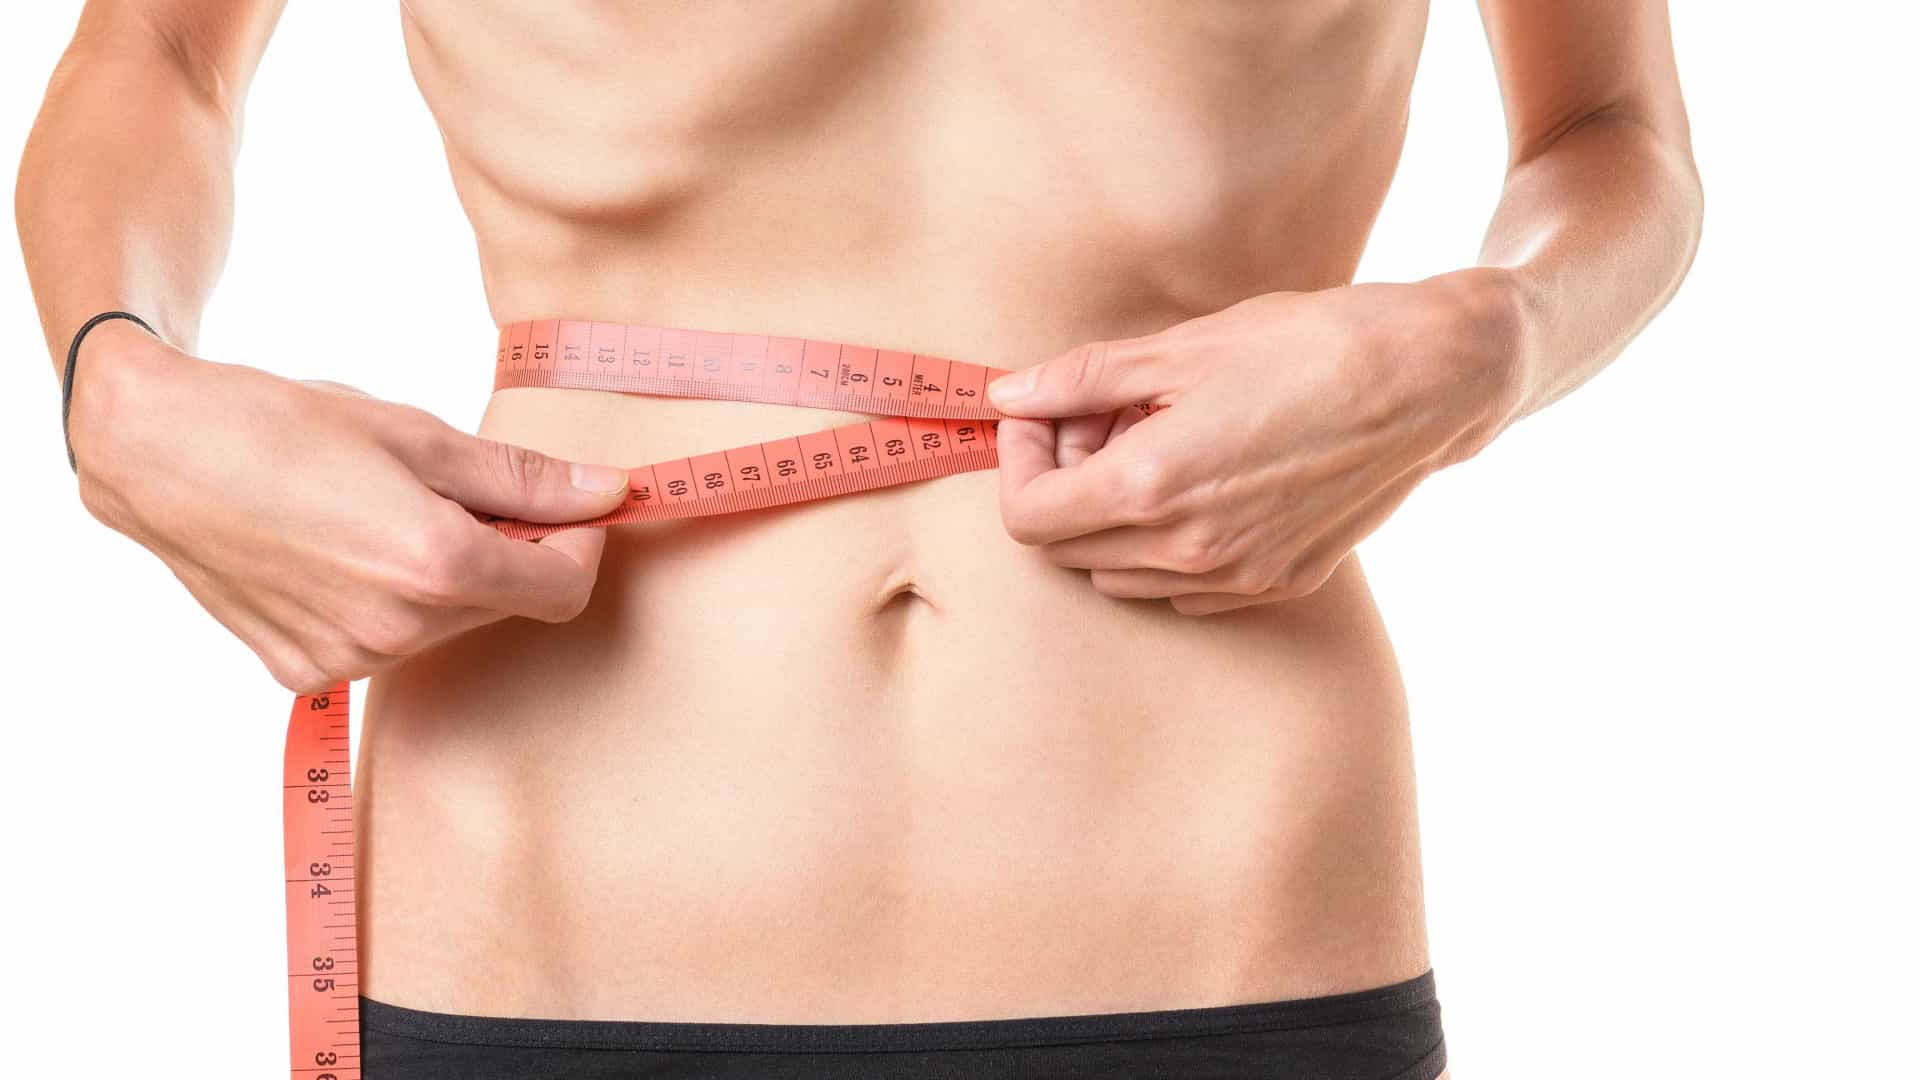 Tribunal autoriza mulher com anorexia a 'morrer de fome'